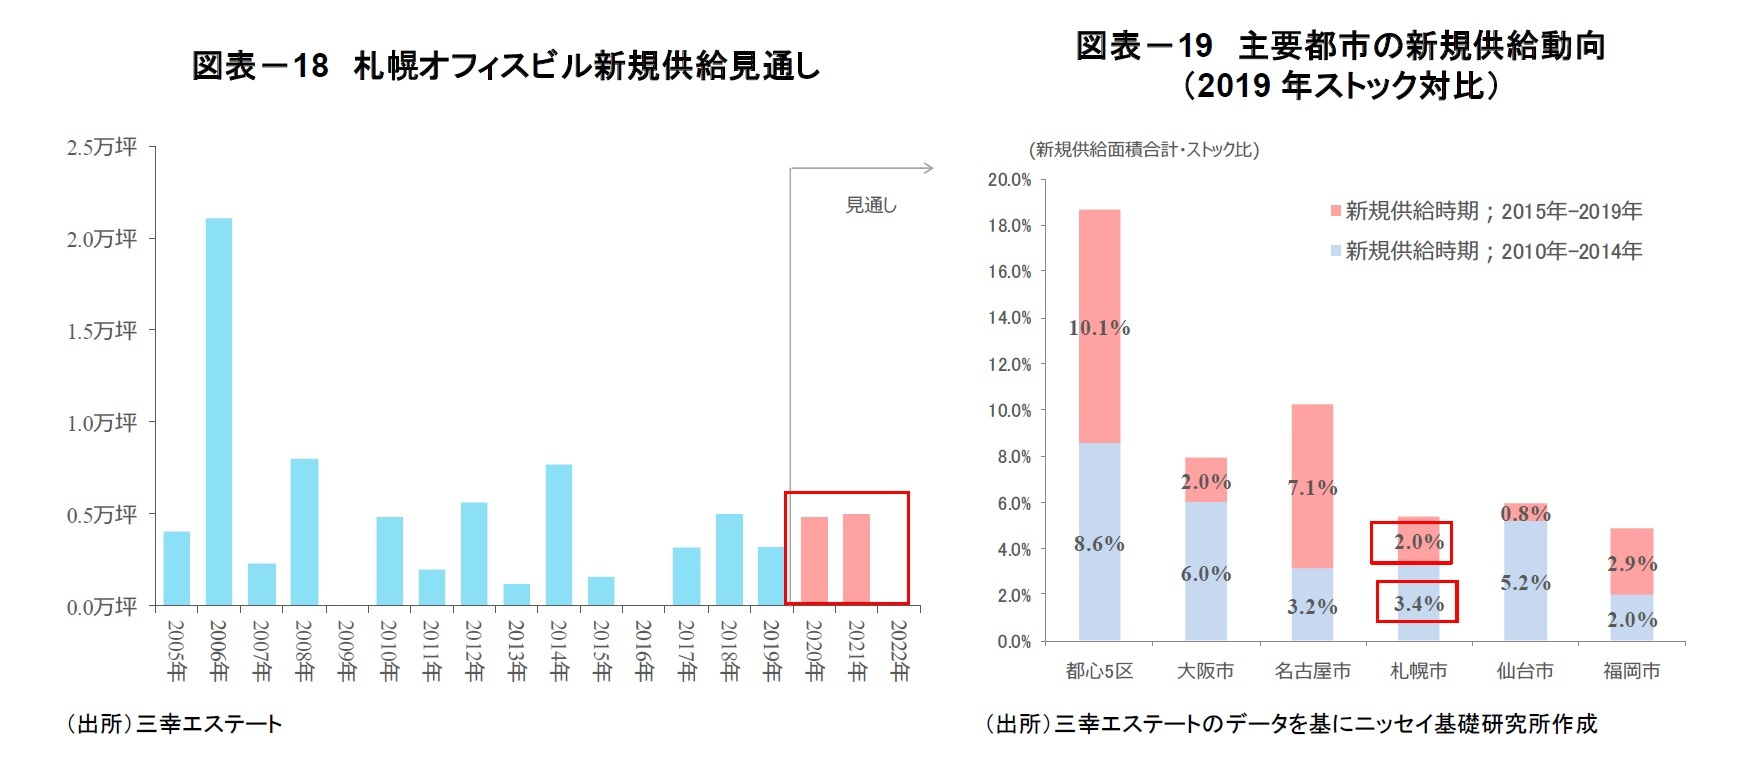 図表-18 札幌オフィスビル新規供給見通し/図表-19 主要都市の新規供給動向(2019年ストック対比)